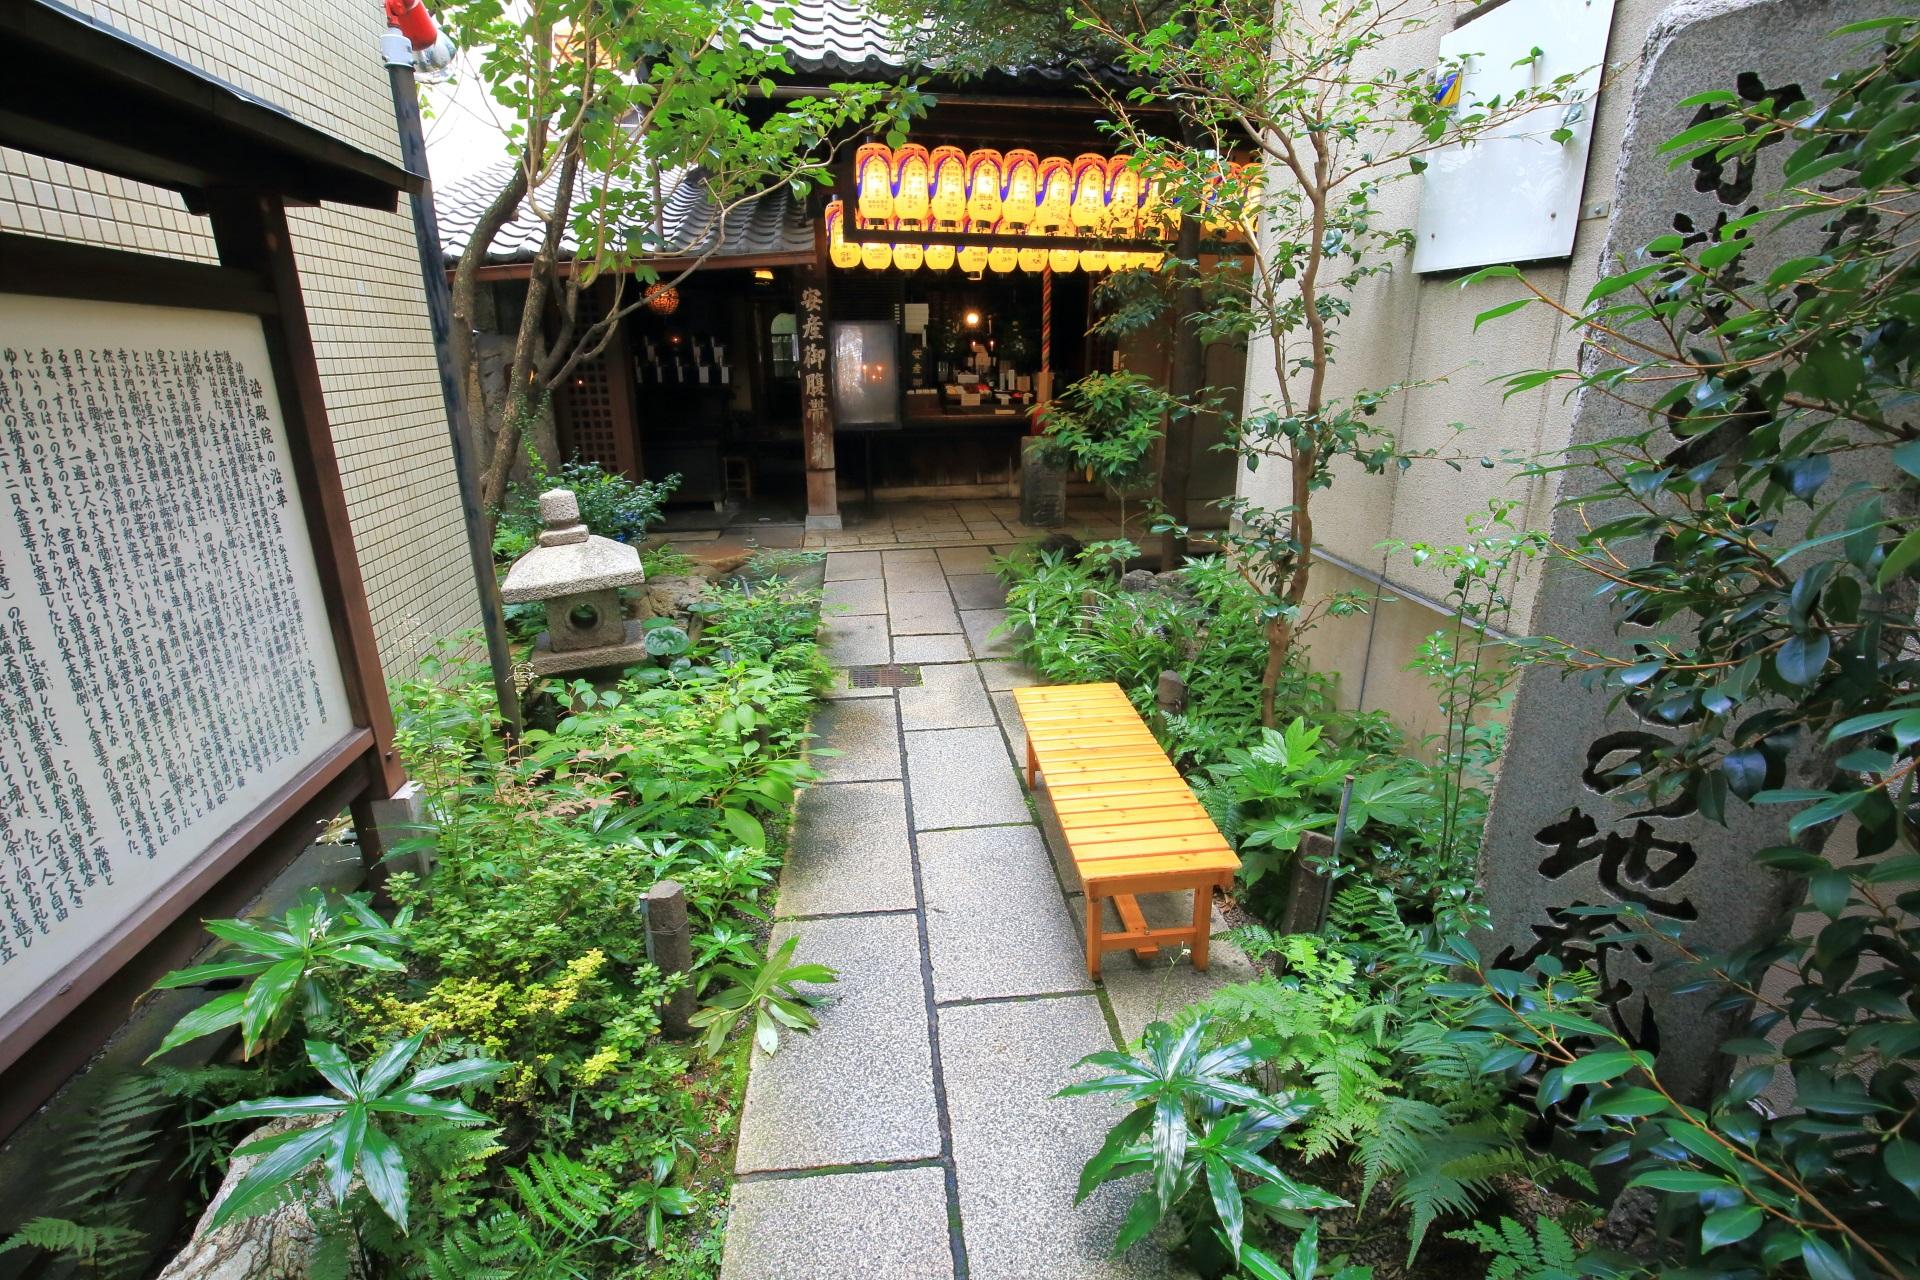 京都の繁華街にある小さいけど由緒ある染殿院